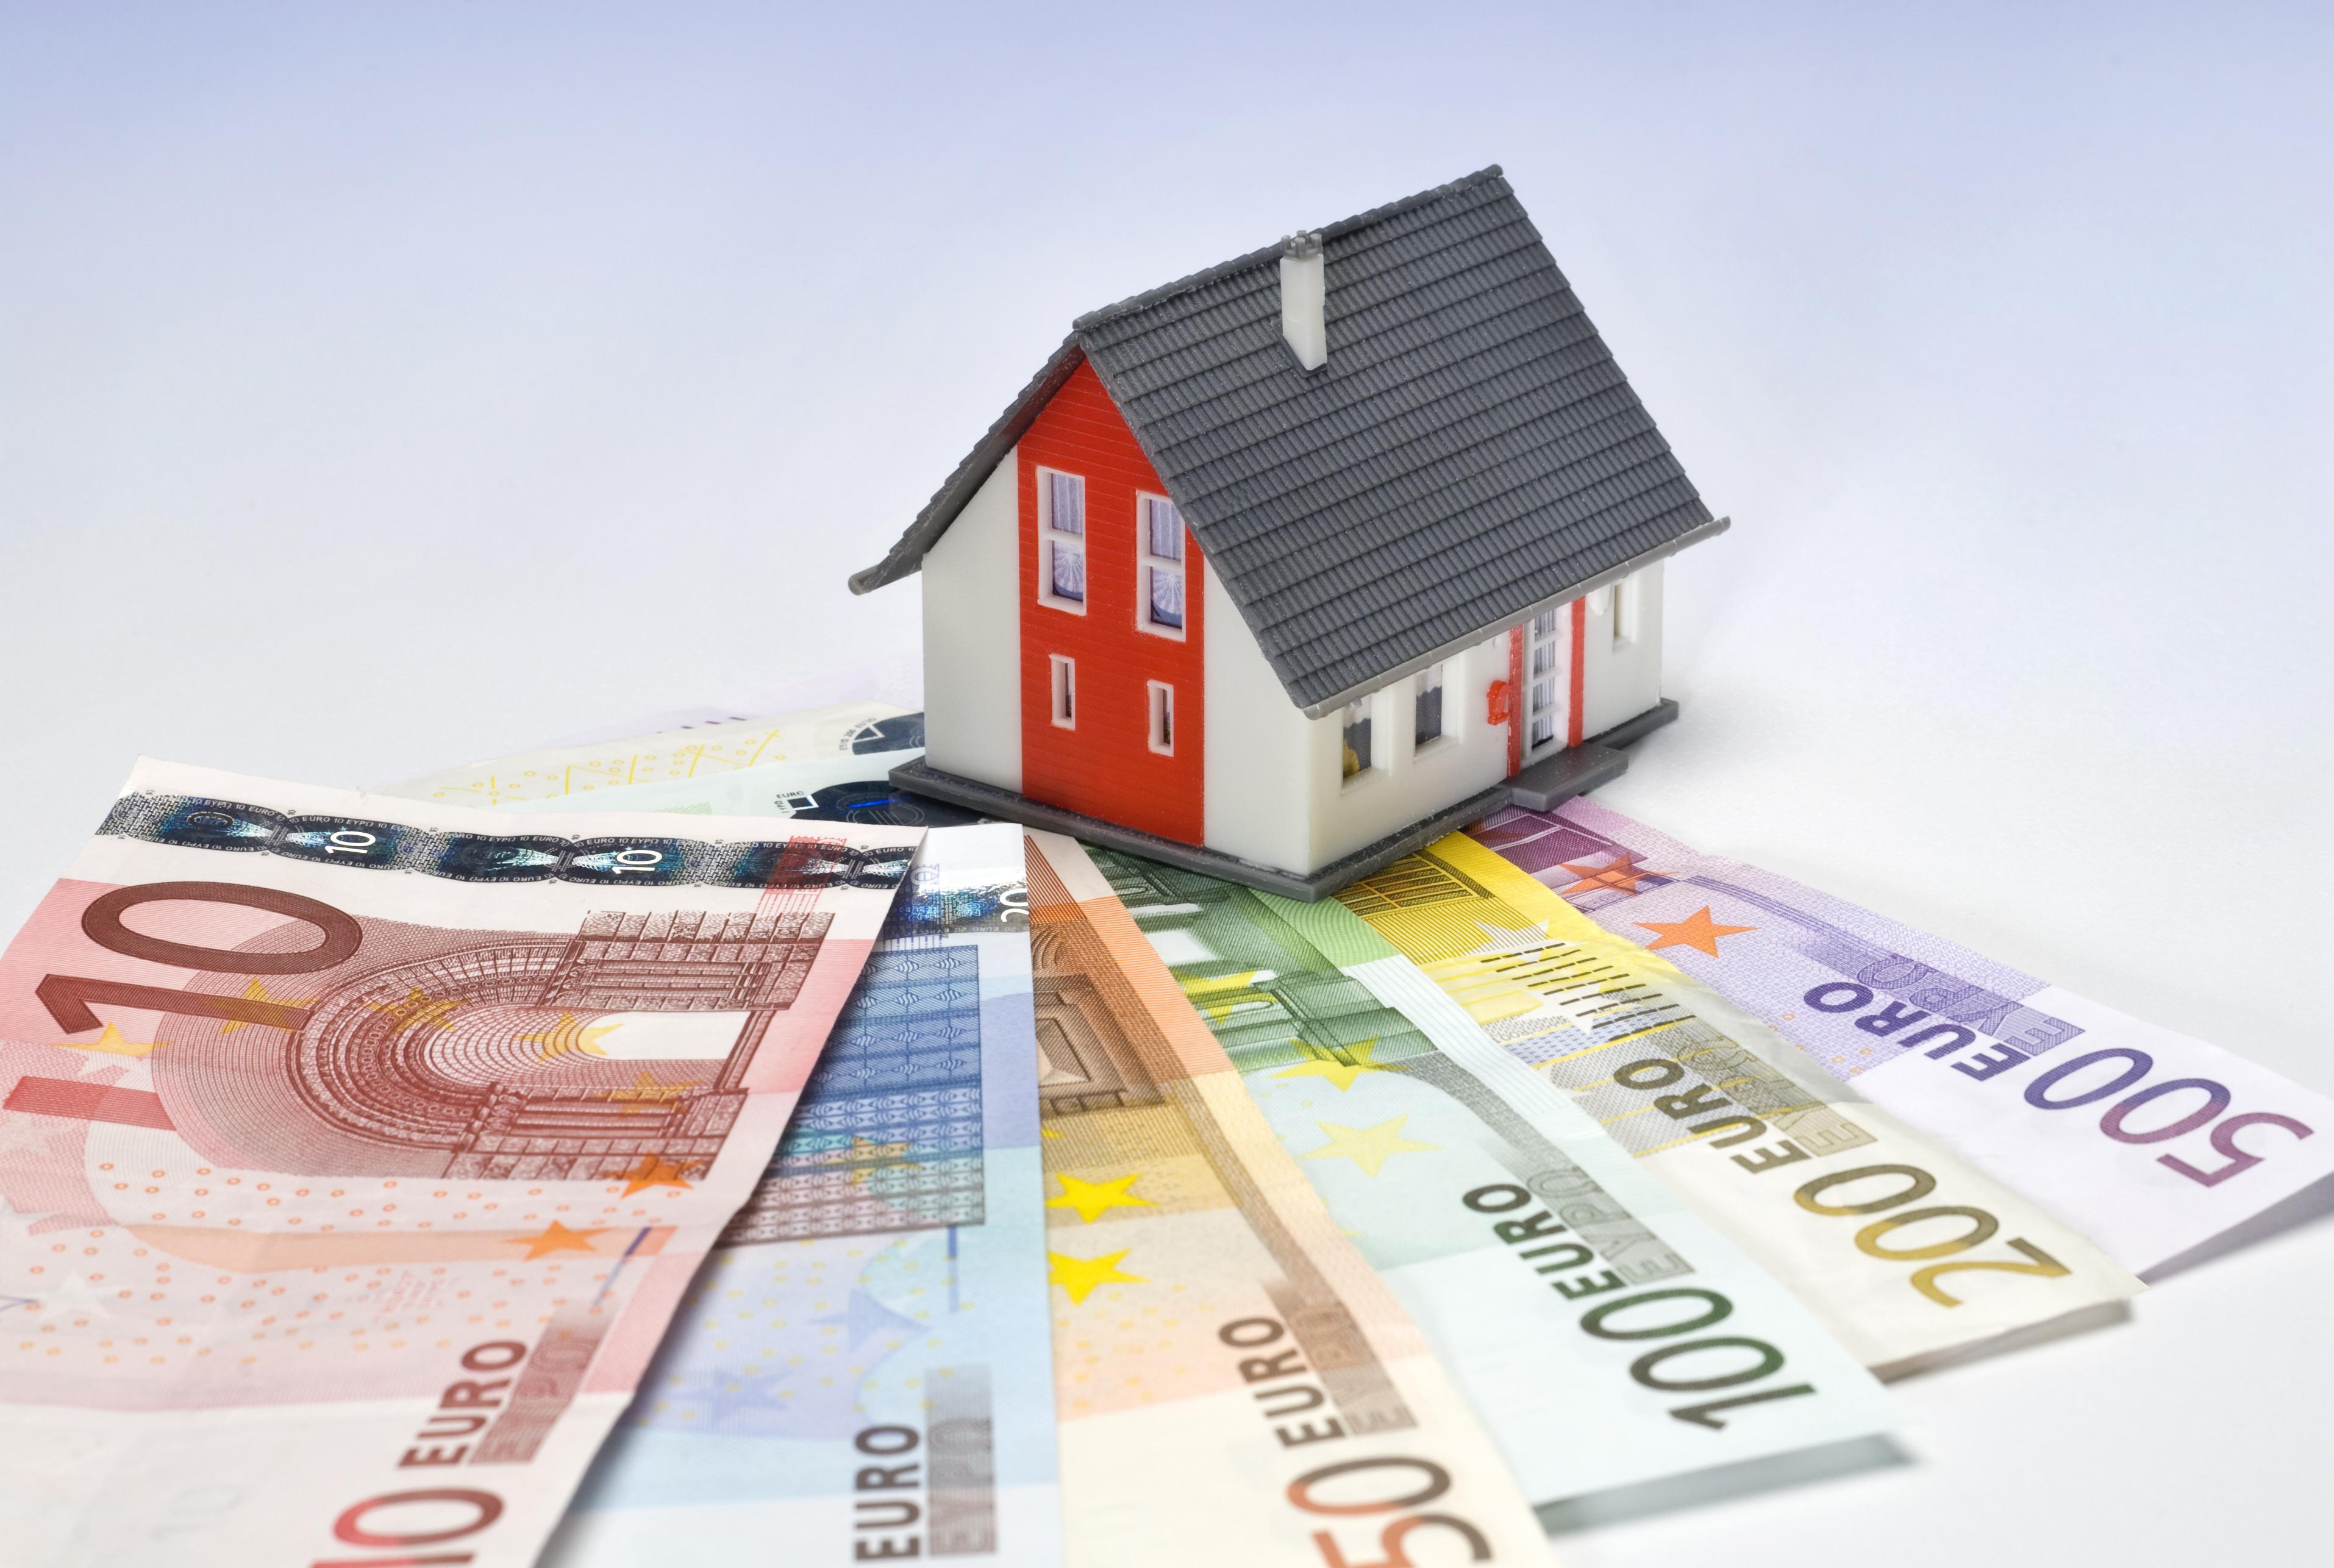 Vers une baisse prochaine des taux d'intêret immobiliers ?